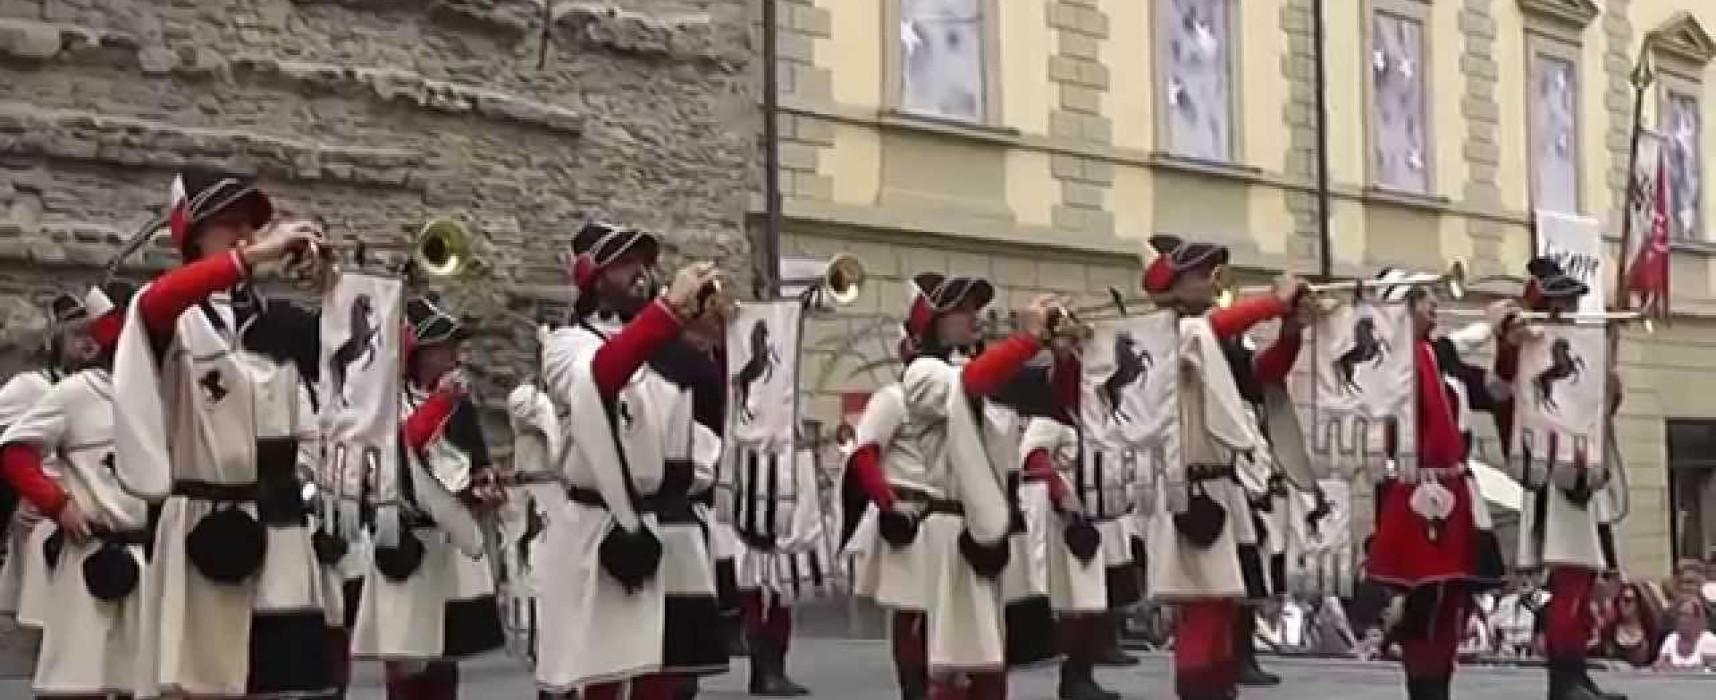 Gruppo Musici della Giostra del Saracino: tradizione, musica e amicizia